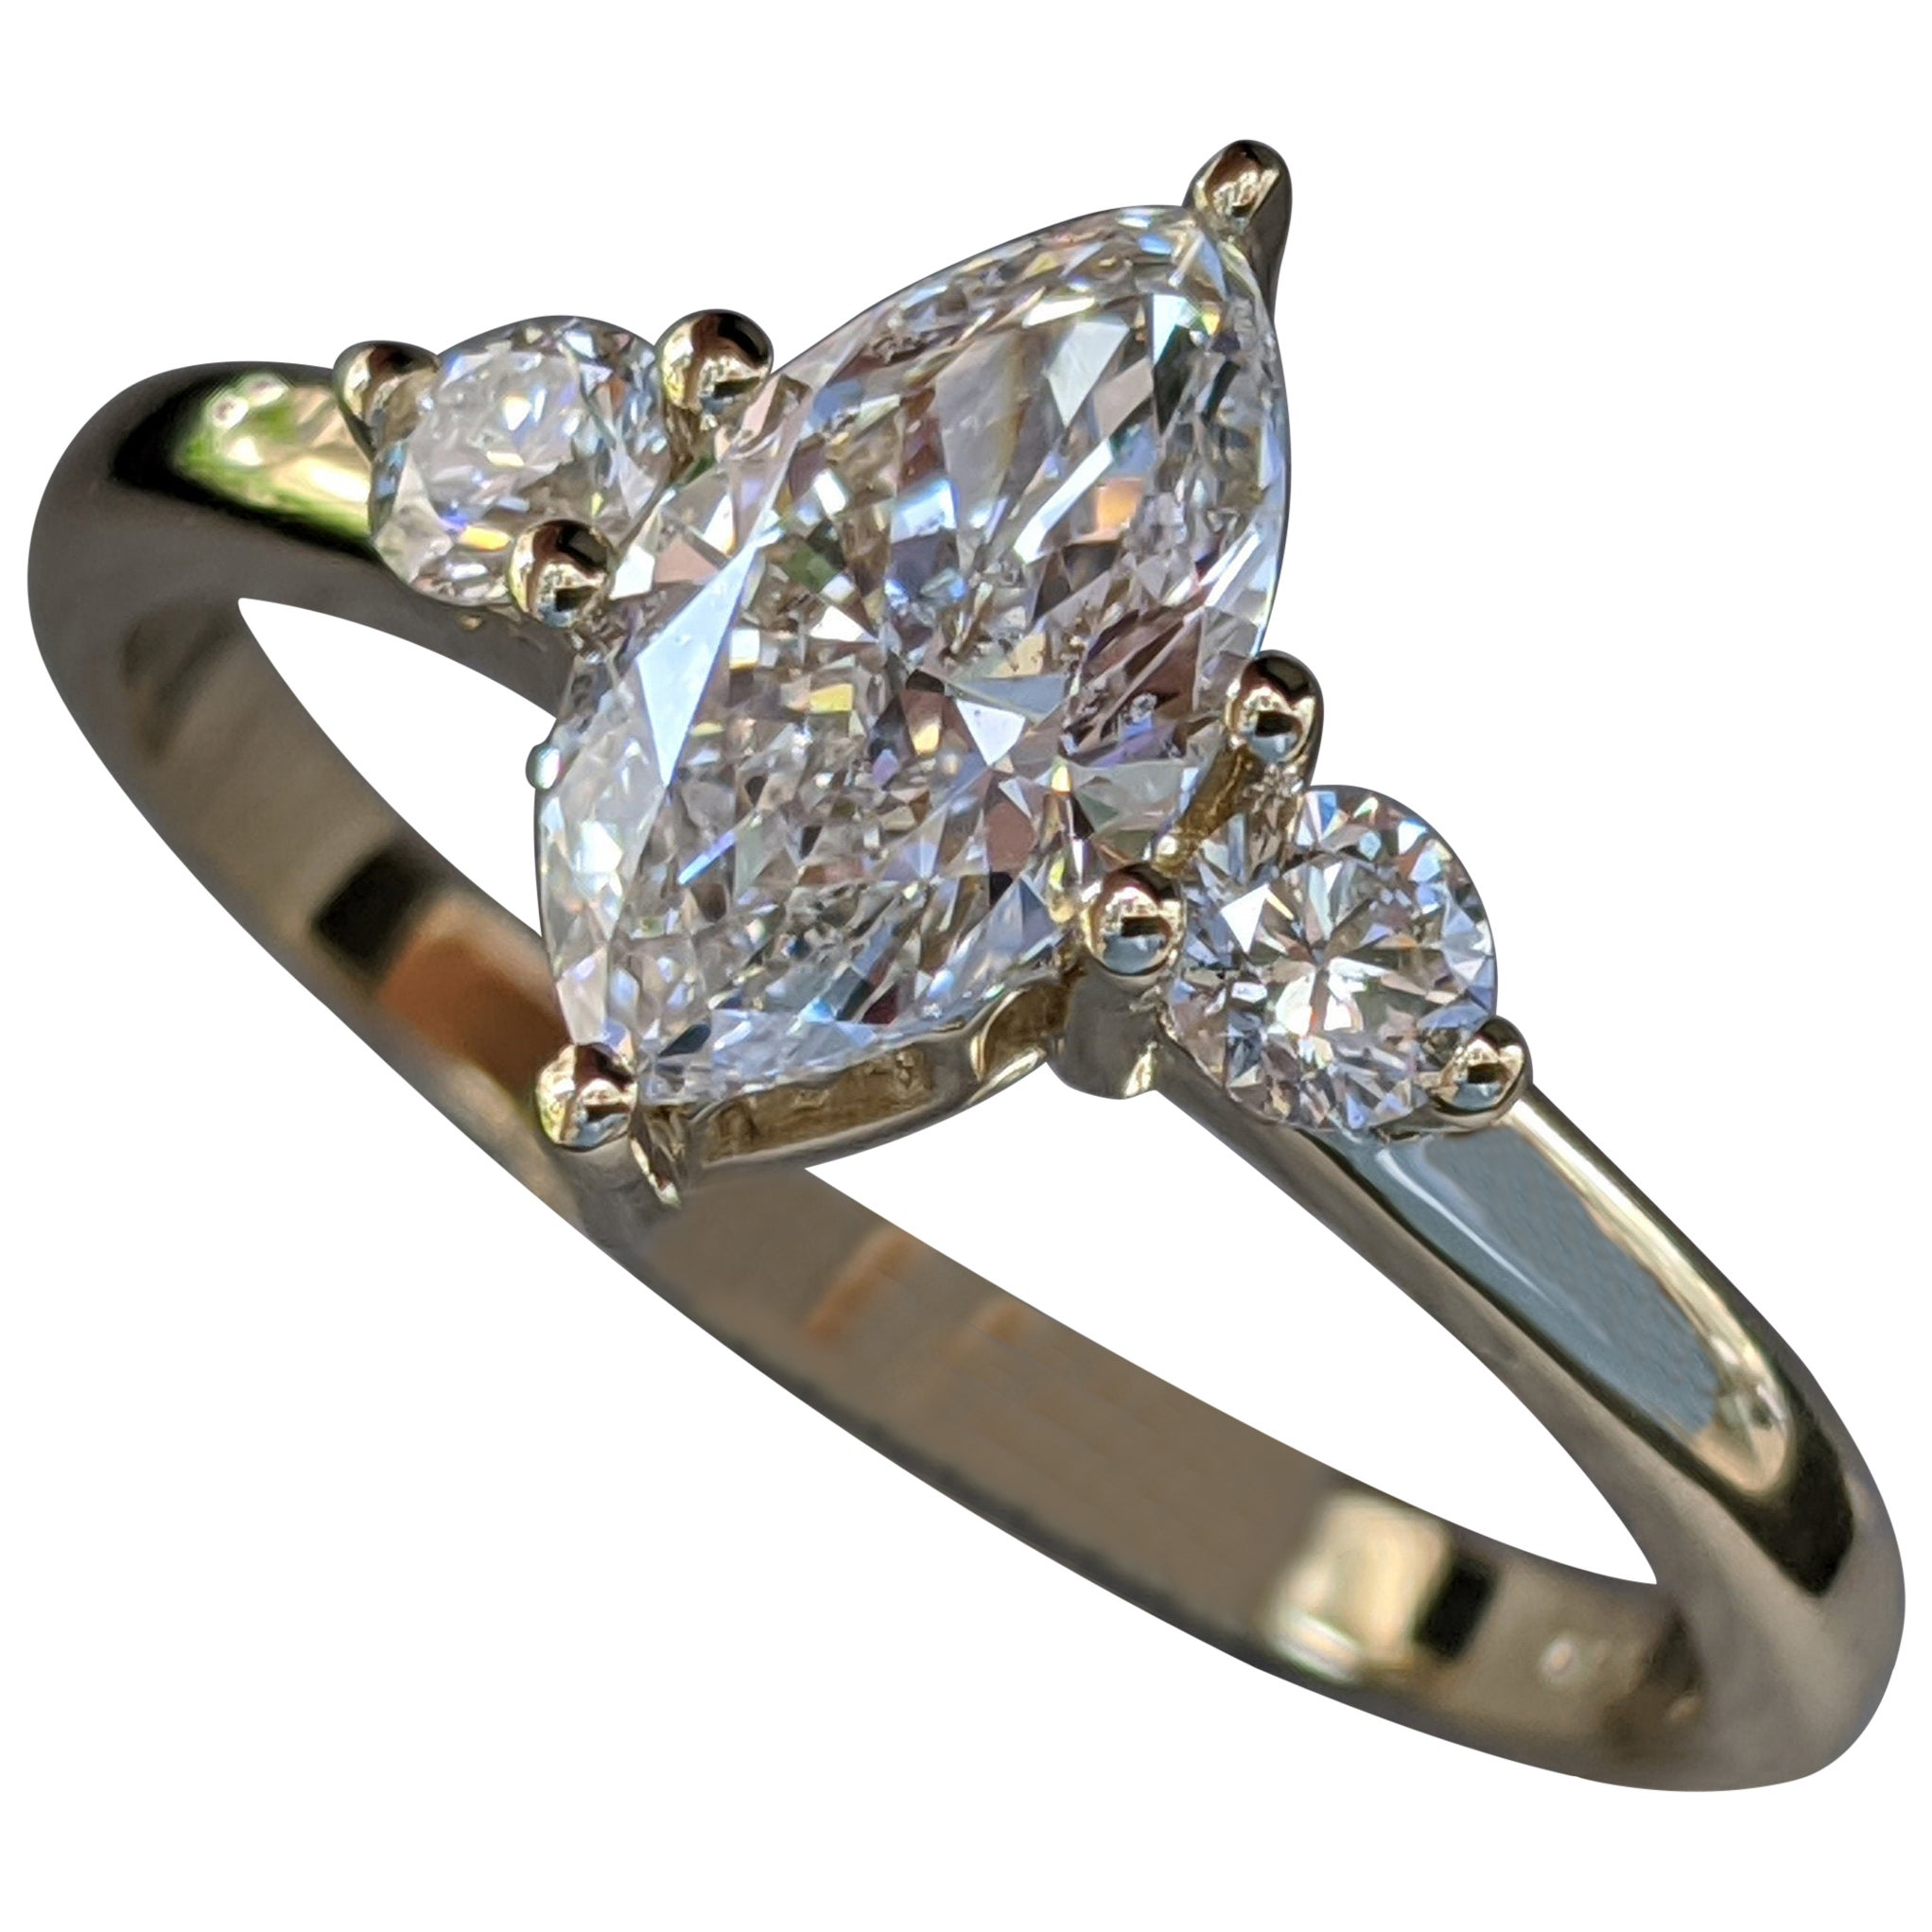 1 Carat 14 Karat Yellow Gold Marquise Diamond Engagement Ring